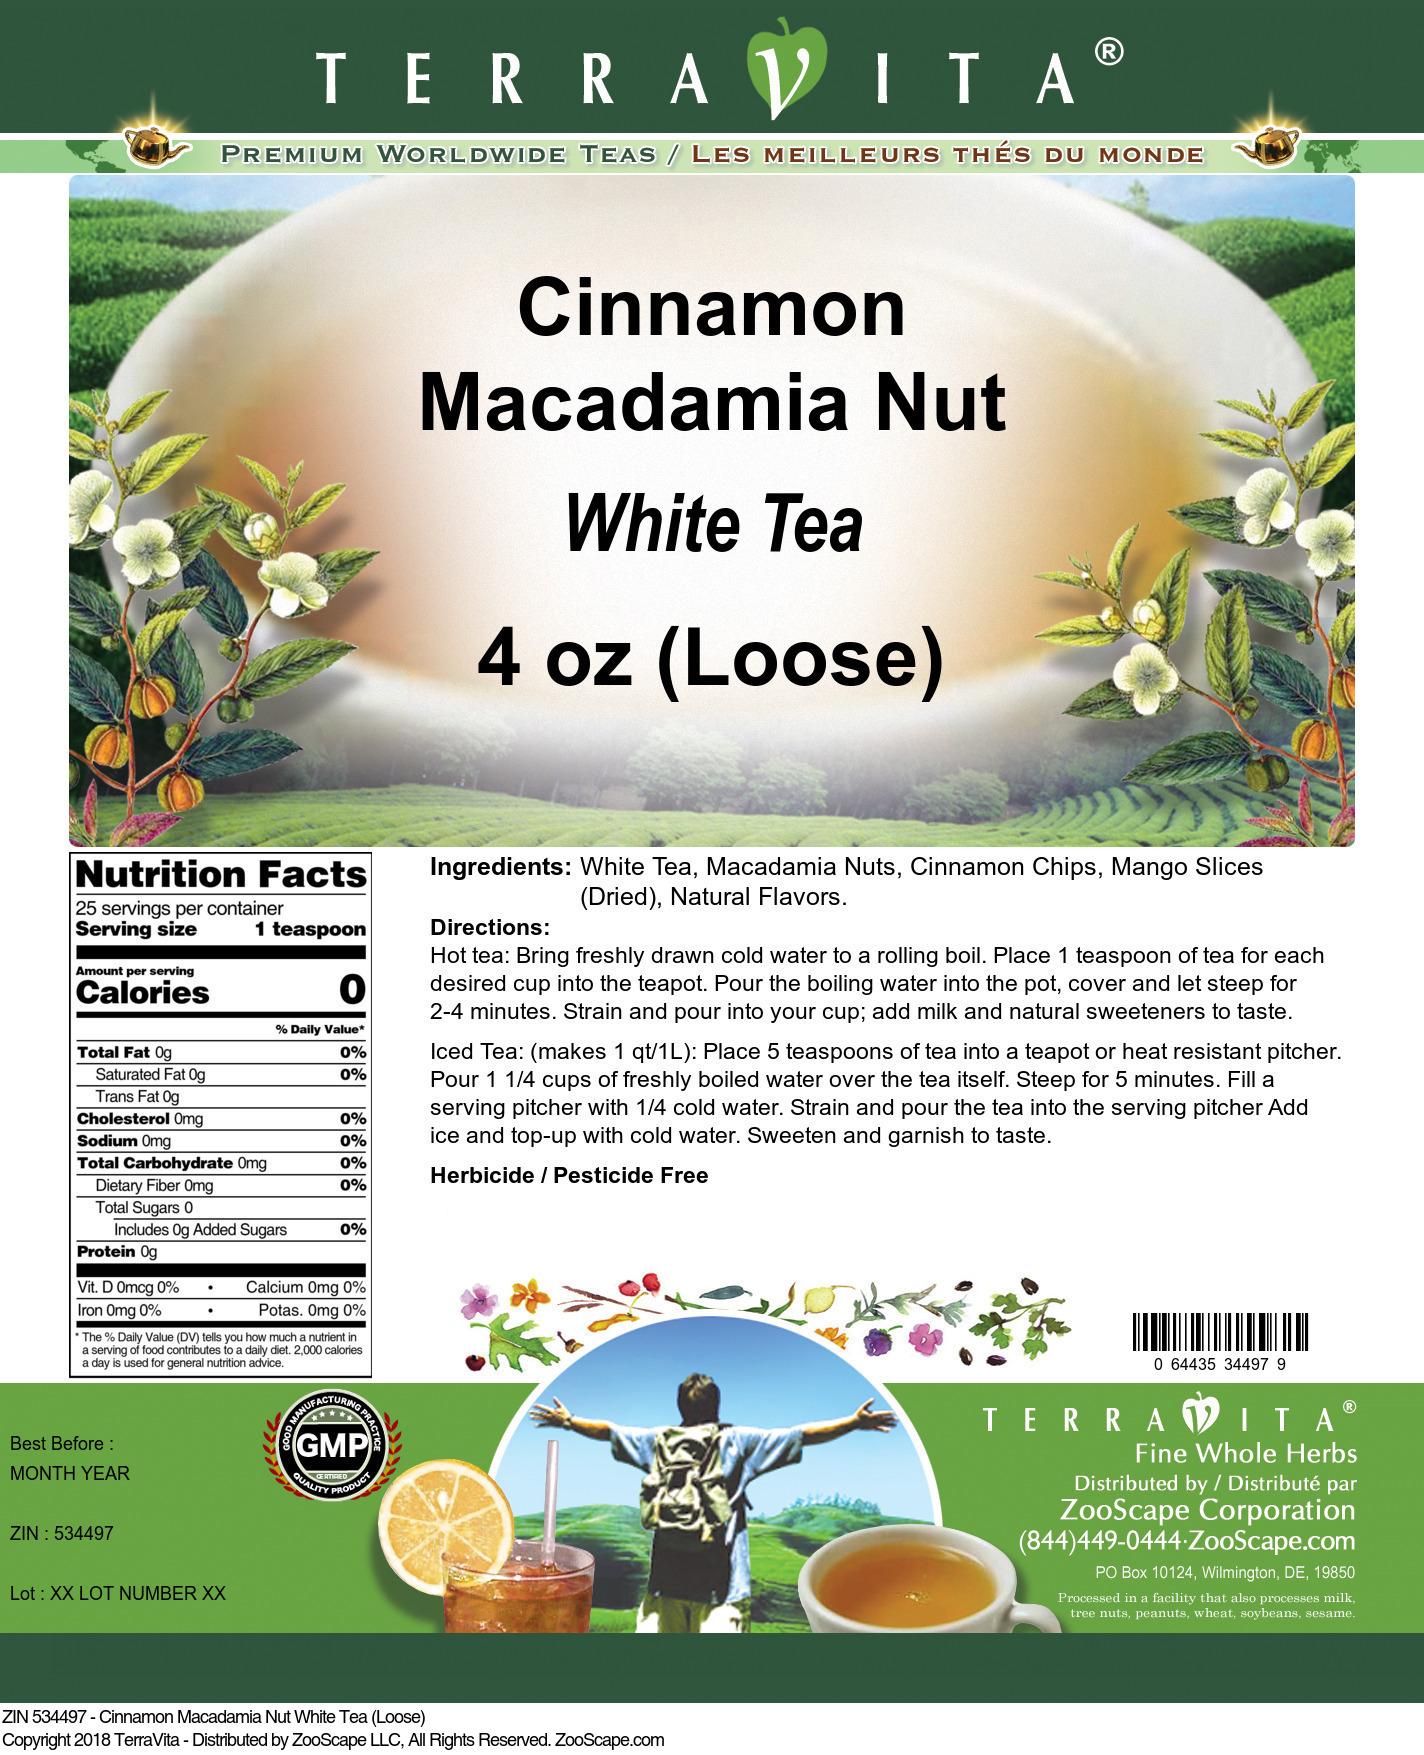 Cinnamon Macadamia Nut White Tea (Loose)